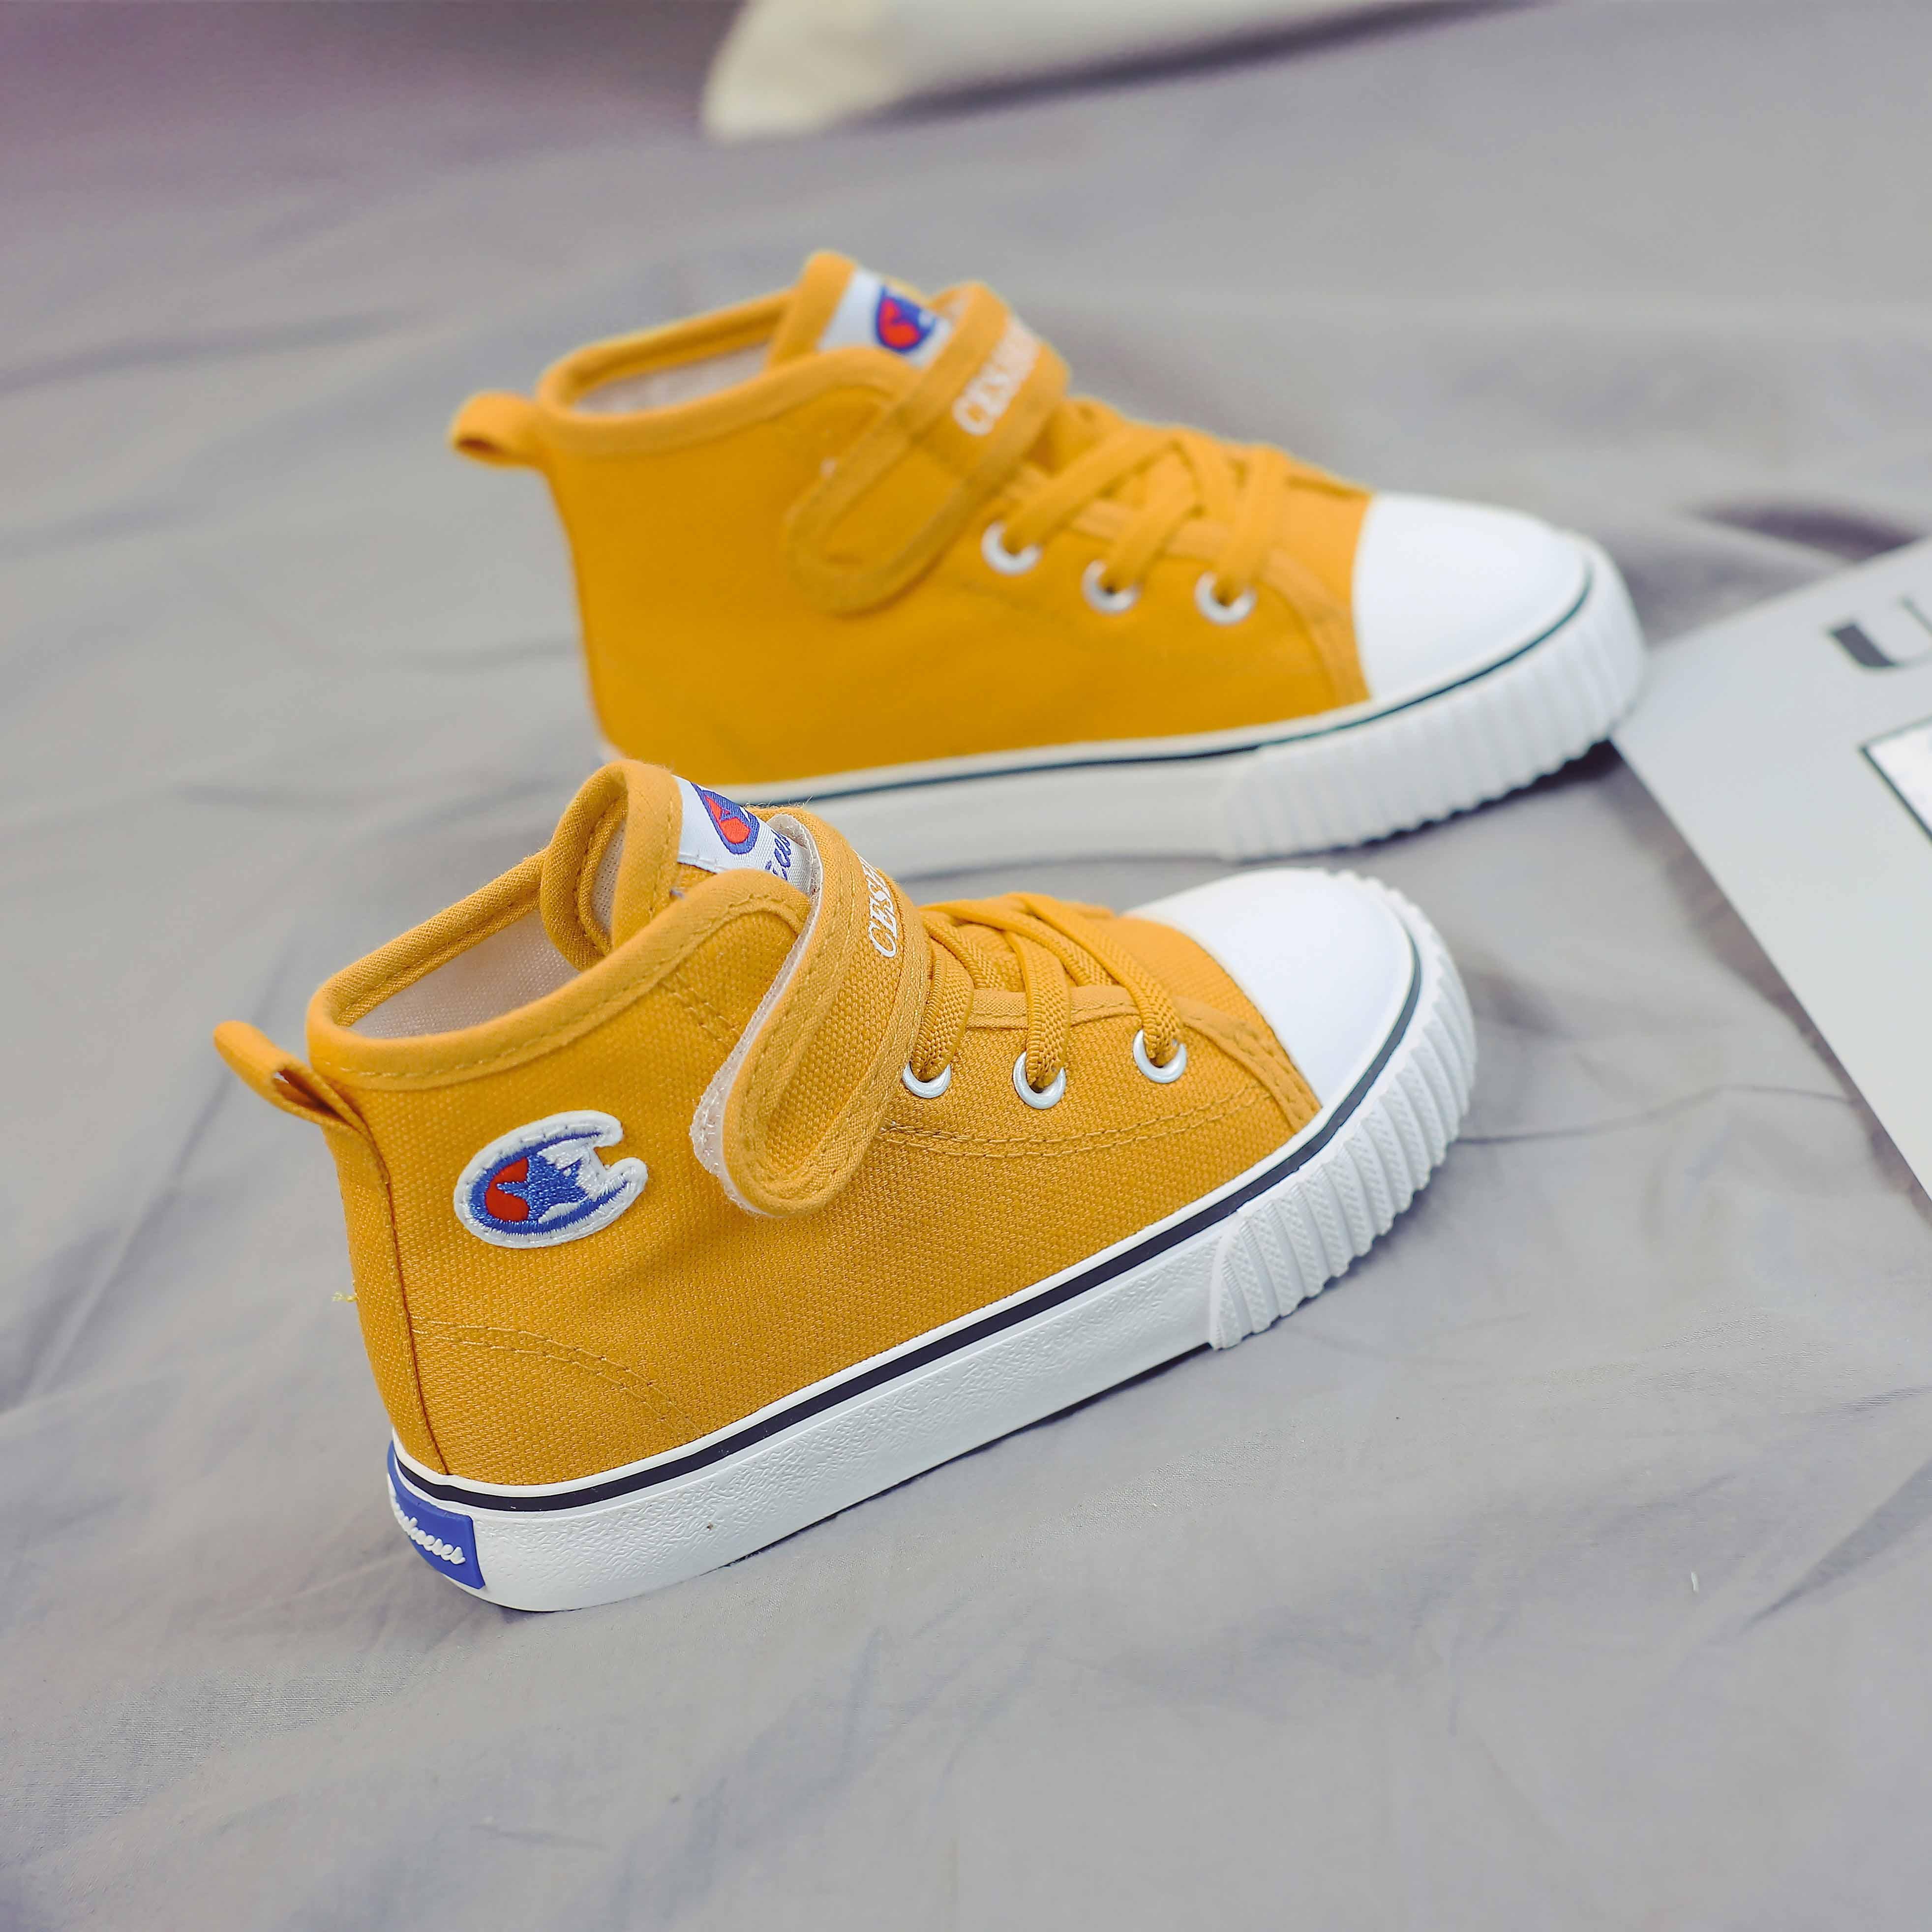 儿童高帮帆布鞋女童鞋子2020夏季新款男童布鞋宝宝鞋小童韩版板鞋